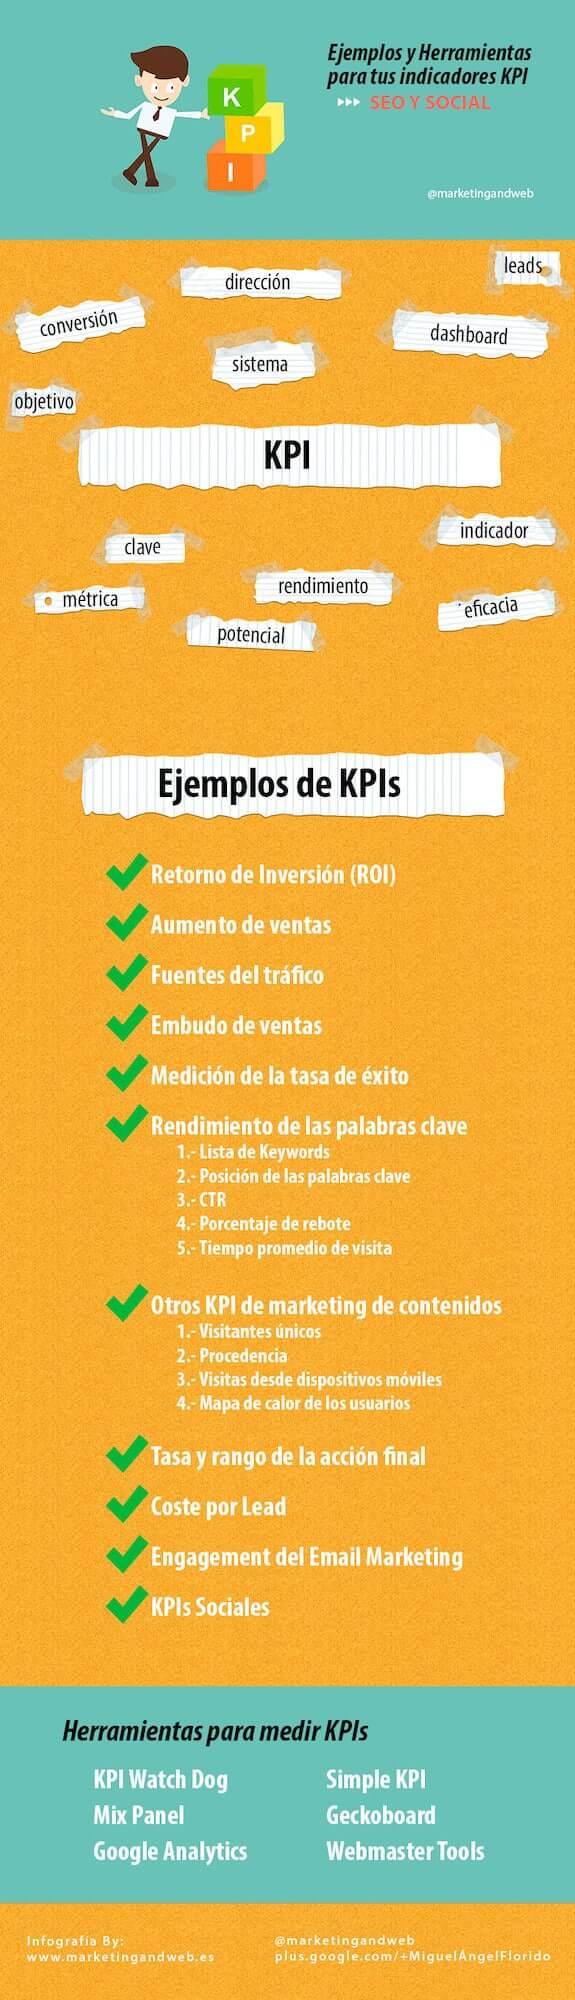 Qué es un KPI en marketing y para qué sirve? Ejemplos básicos